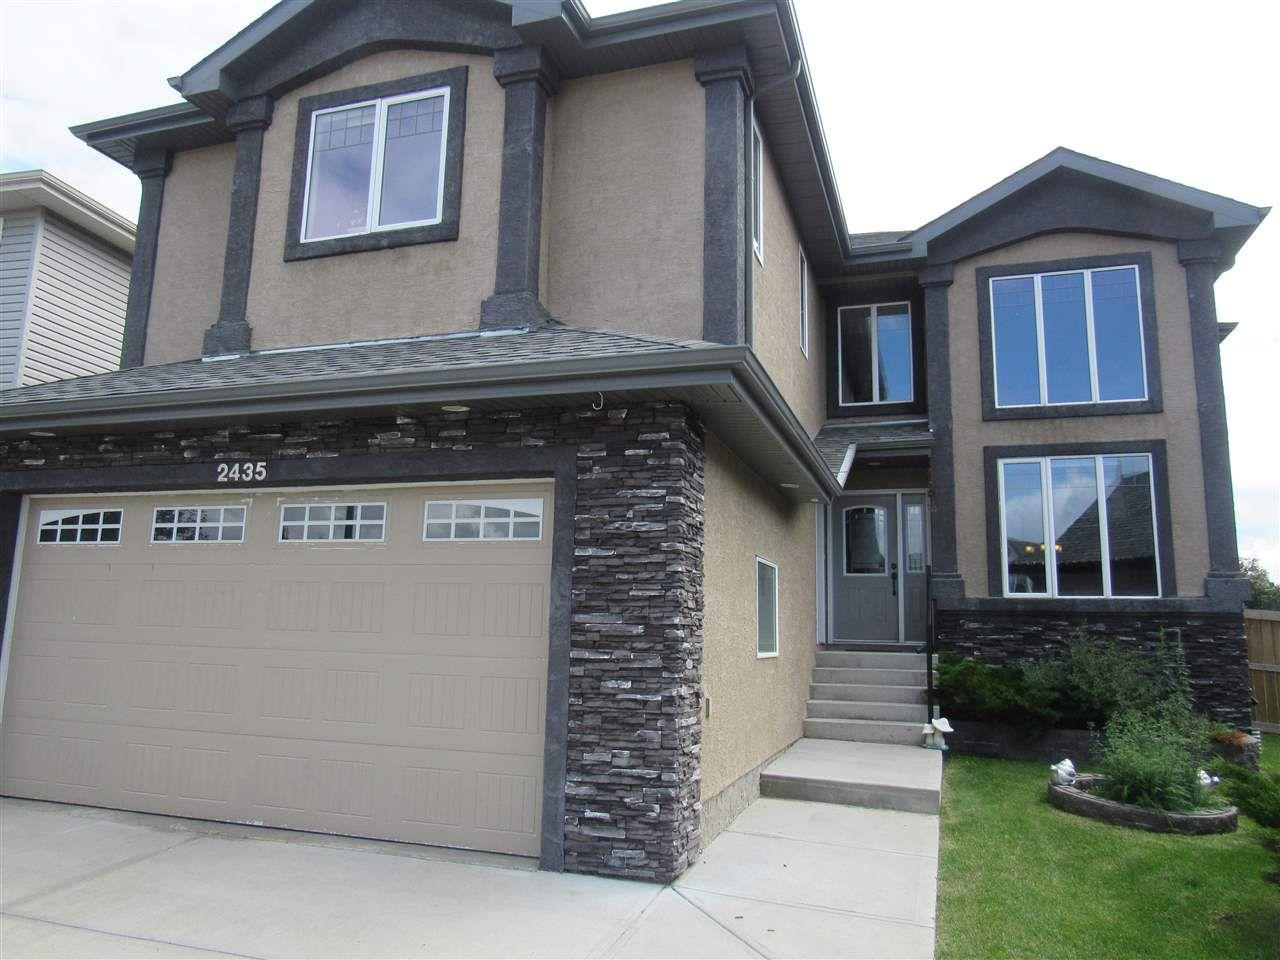 Main Photo: 2435 HAGEN Way in Edmonton: Zone 14 House for sale : MLS®# E4165714